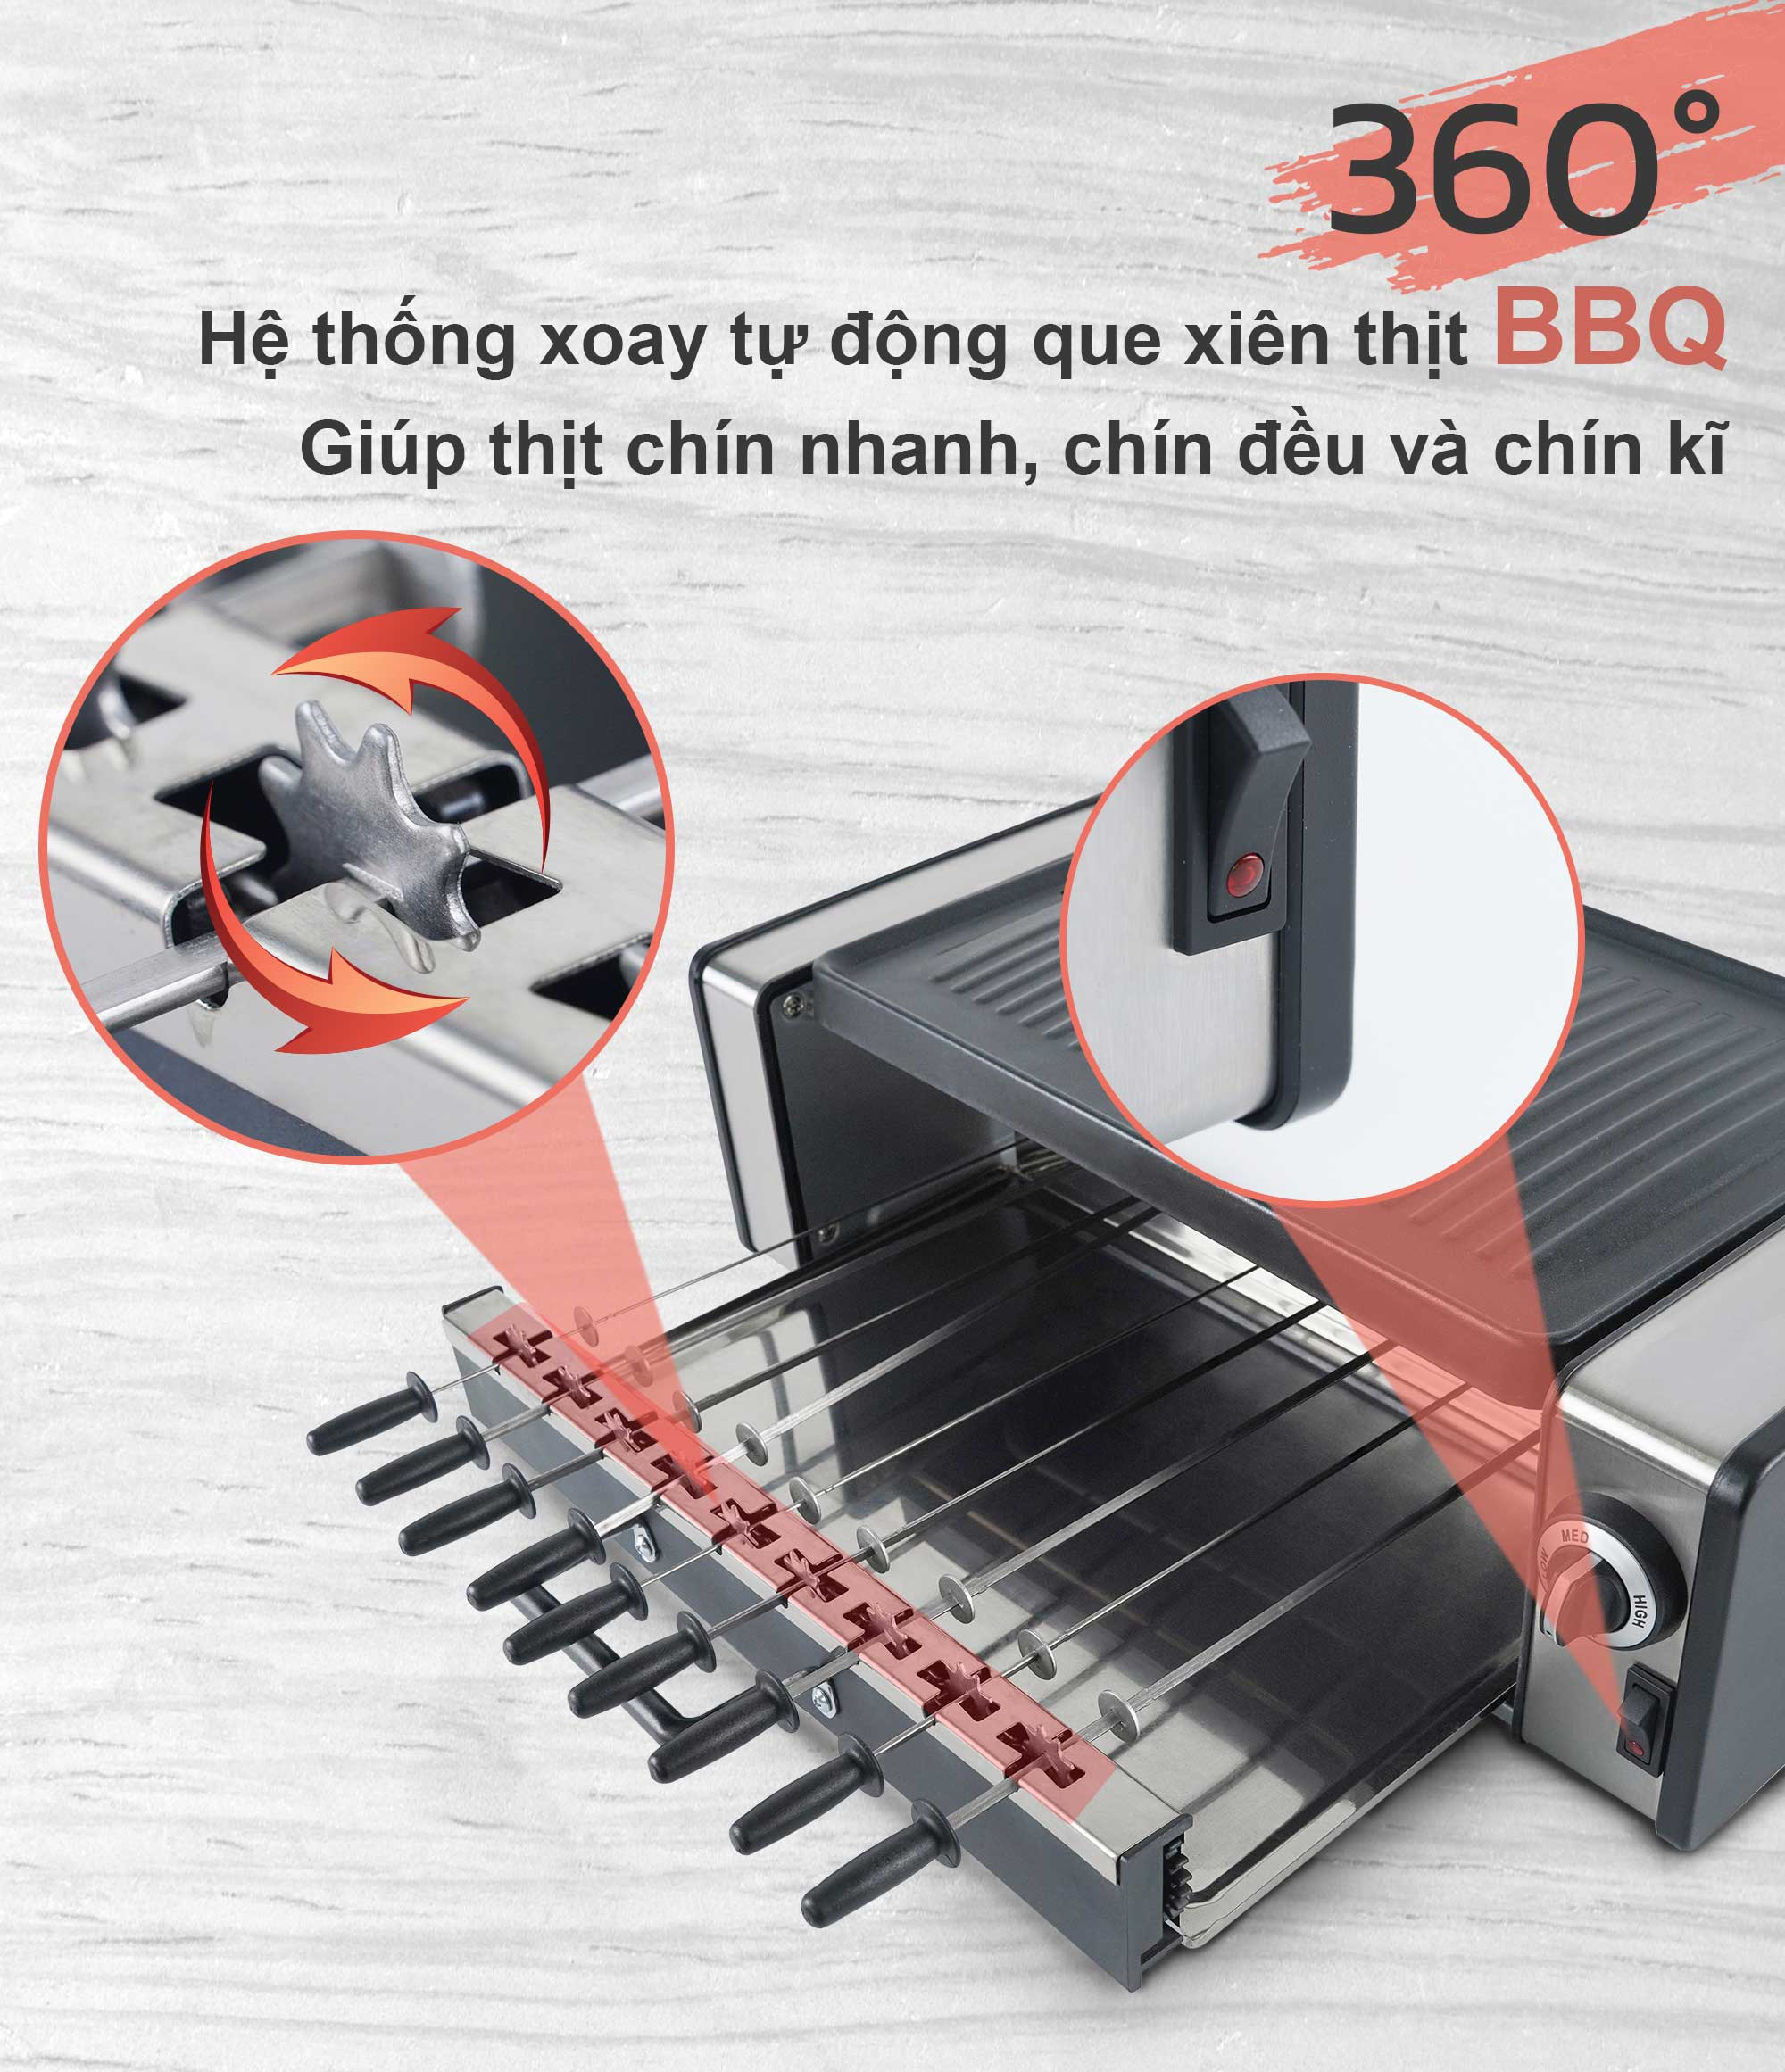 Bếp chiên nướng không khói GM-H có hệ thống xoay tự động